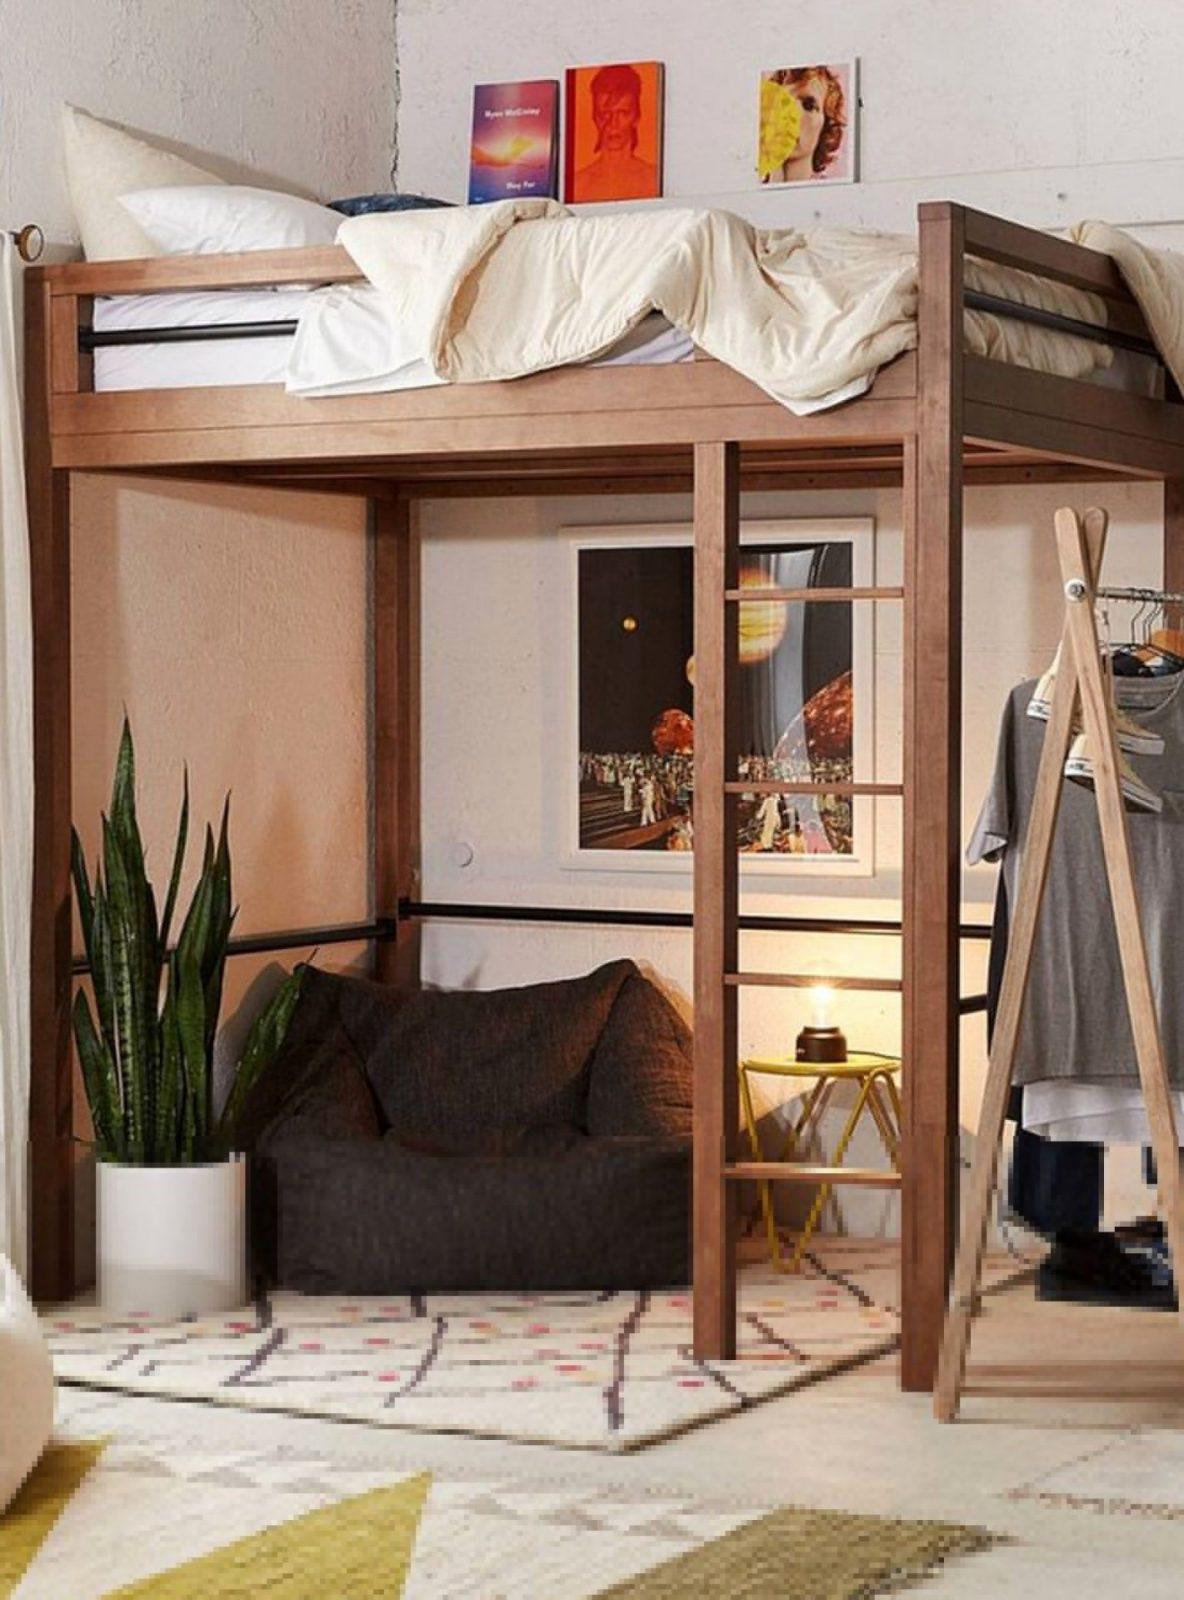 Erwachsene Hochbett Mit Schreibtisch  Bett  Hochbett Mit von Ikea Hochbett Für Erwachsene Bild